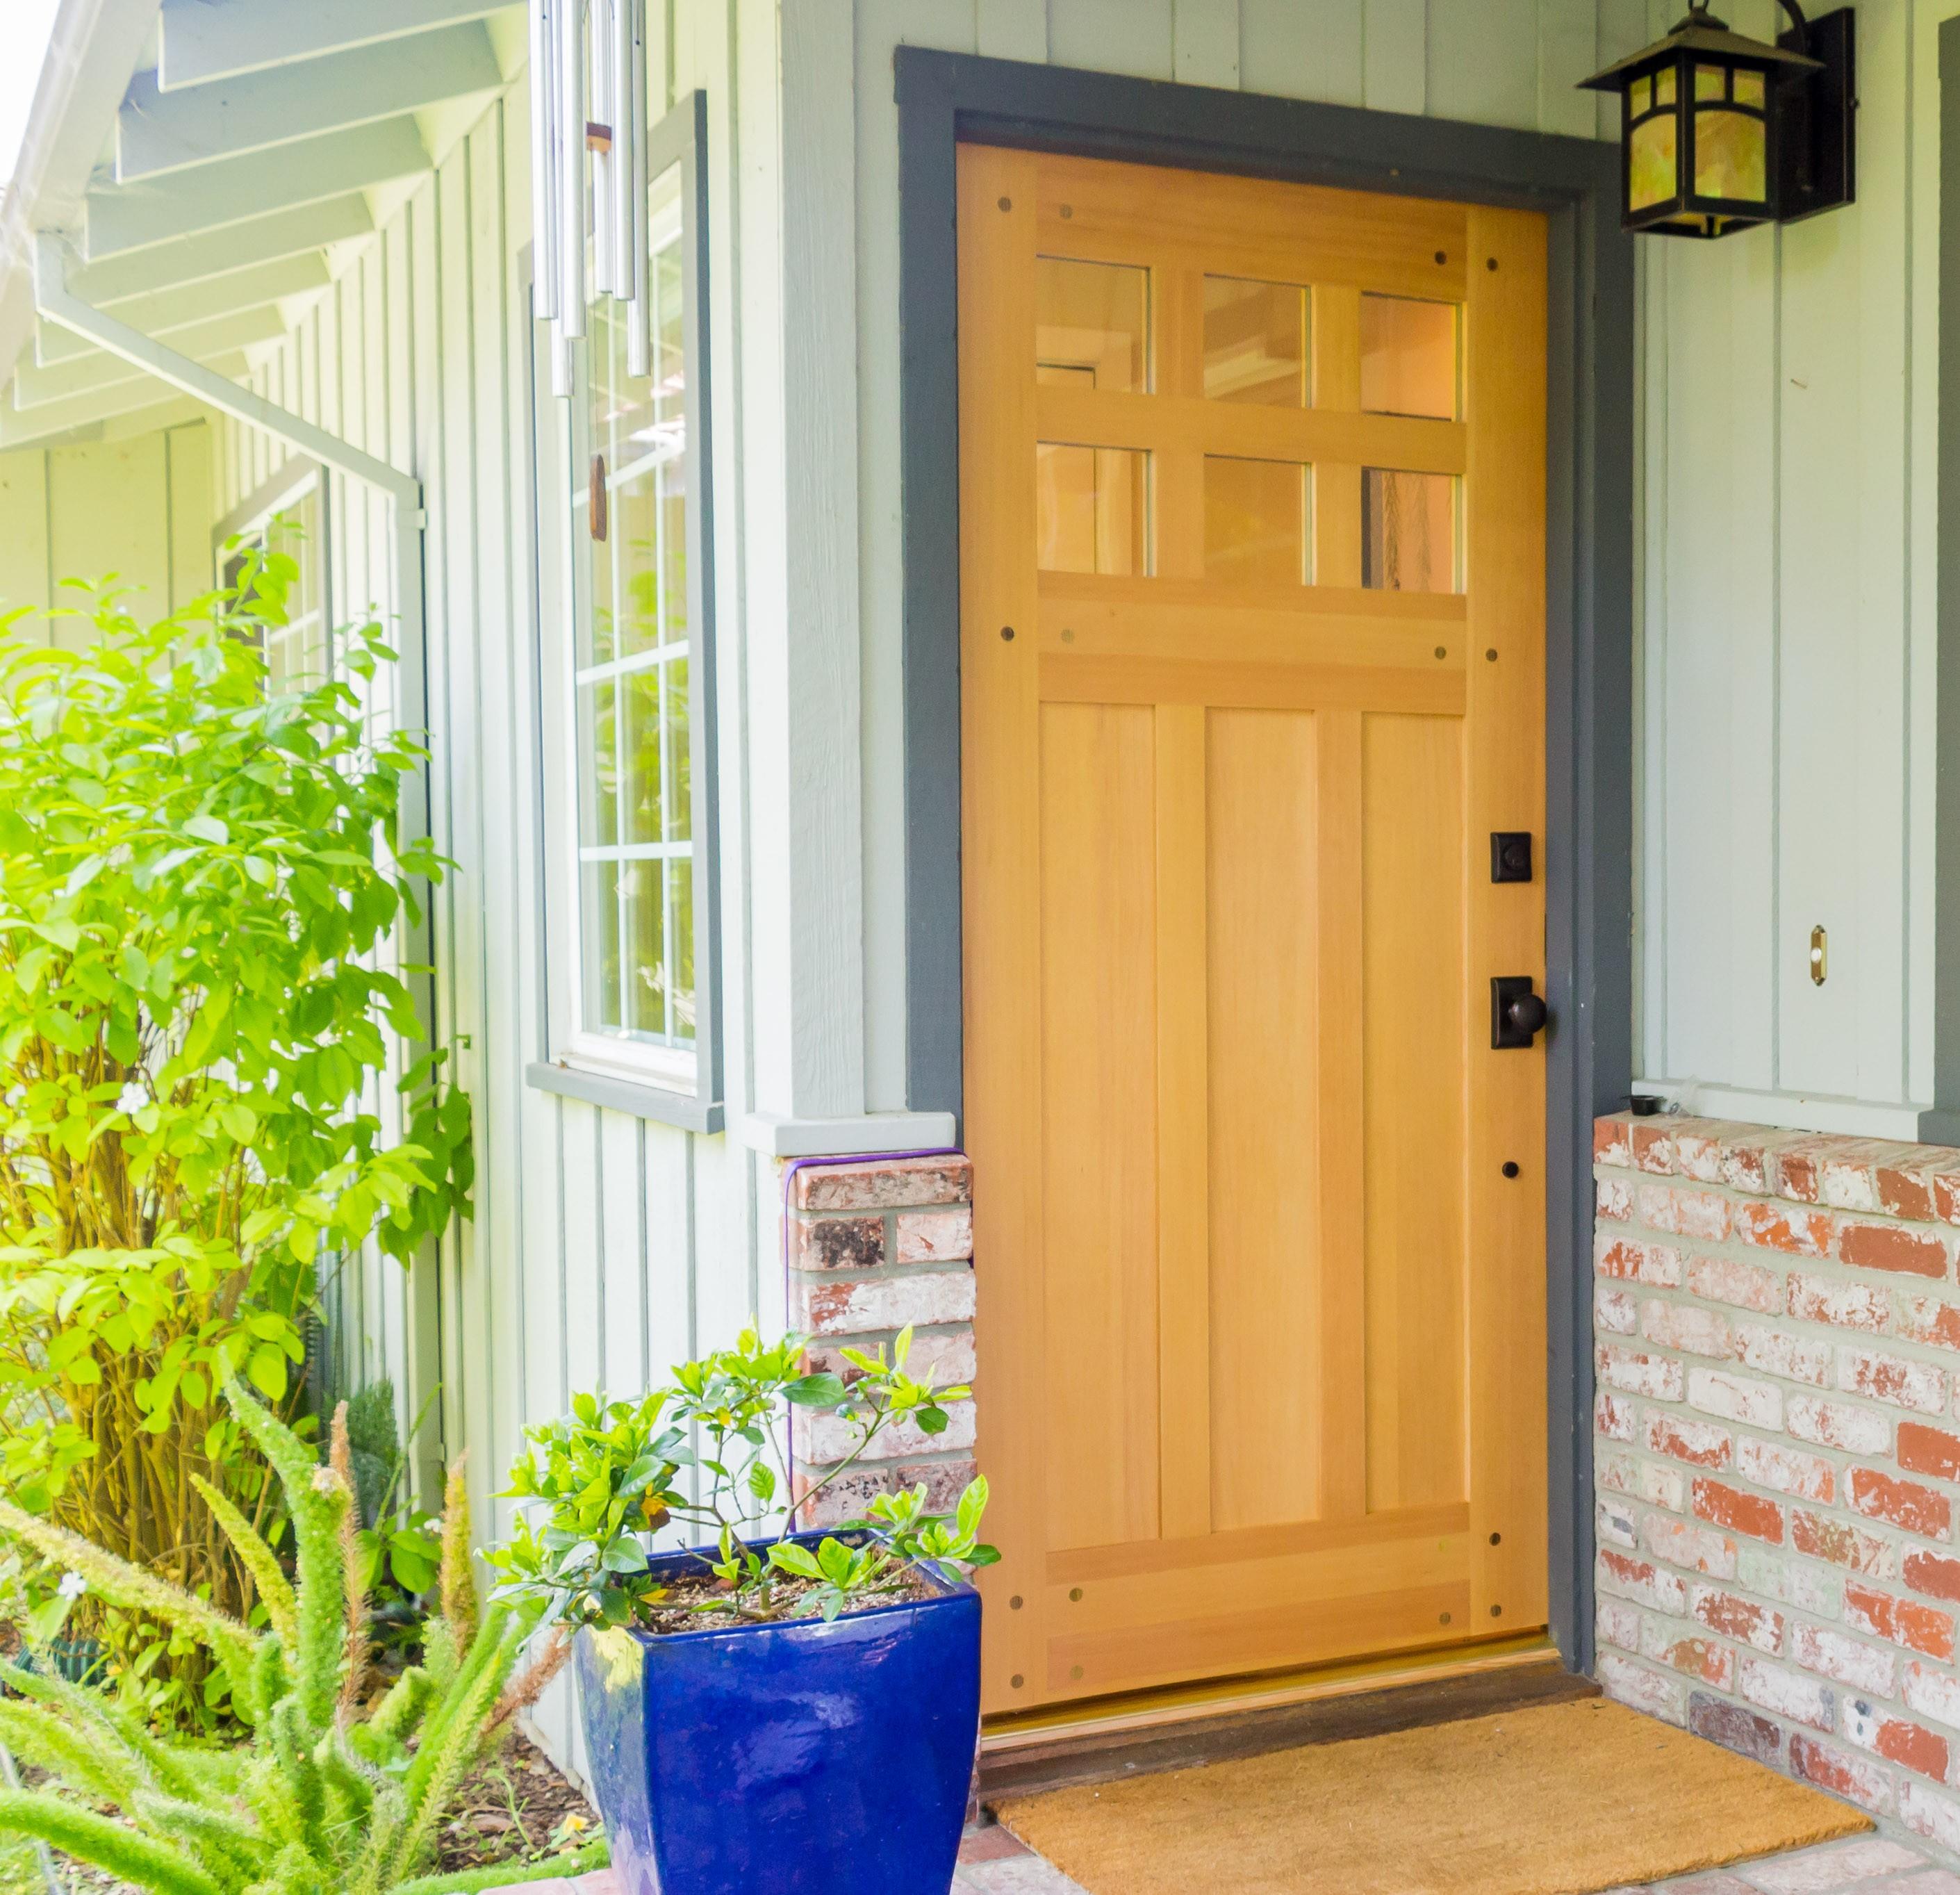 2727 #8BB714 New Front Door And French Doors In Menlo Park save image Simpson Fir Doors 41972821